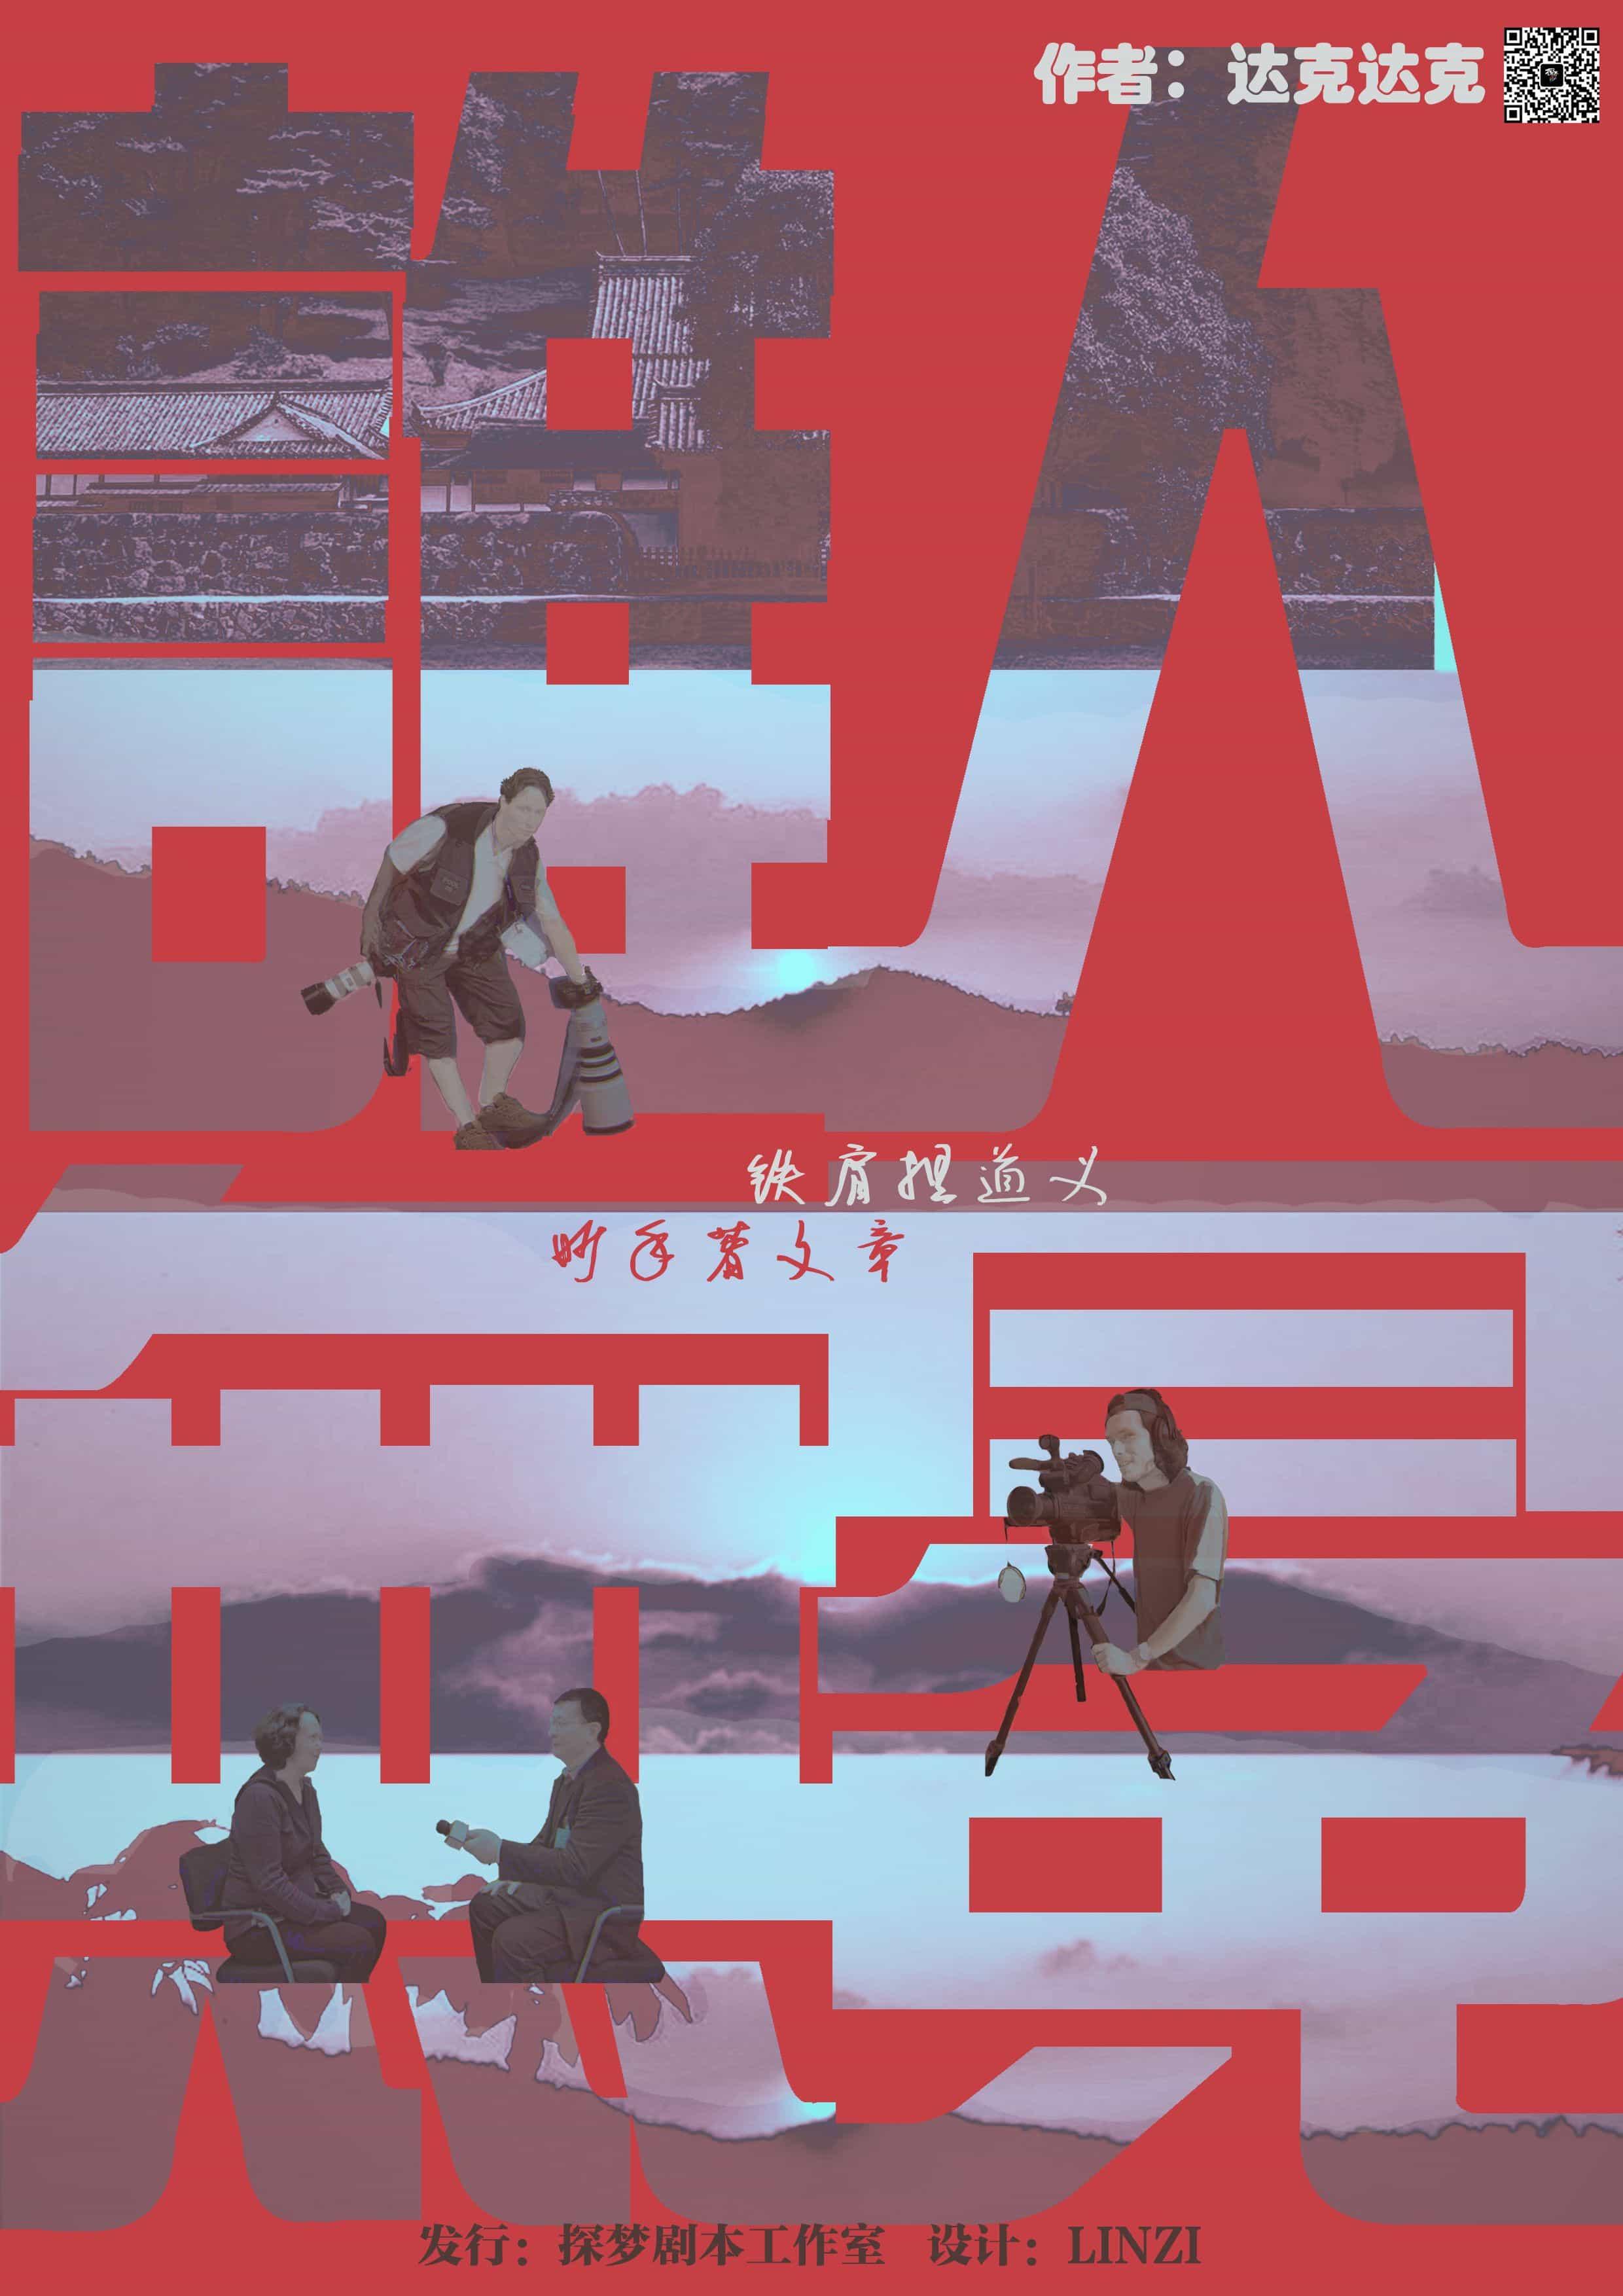 『谁人无冕  VR搜证版』剧本杀复盘/答案揭秘/案件解析/故事结局真相